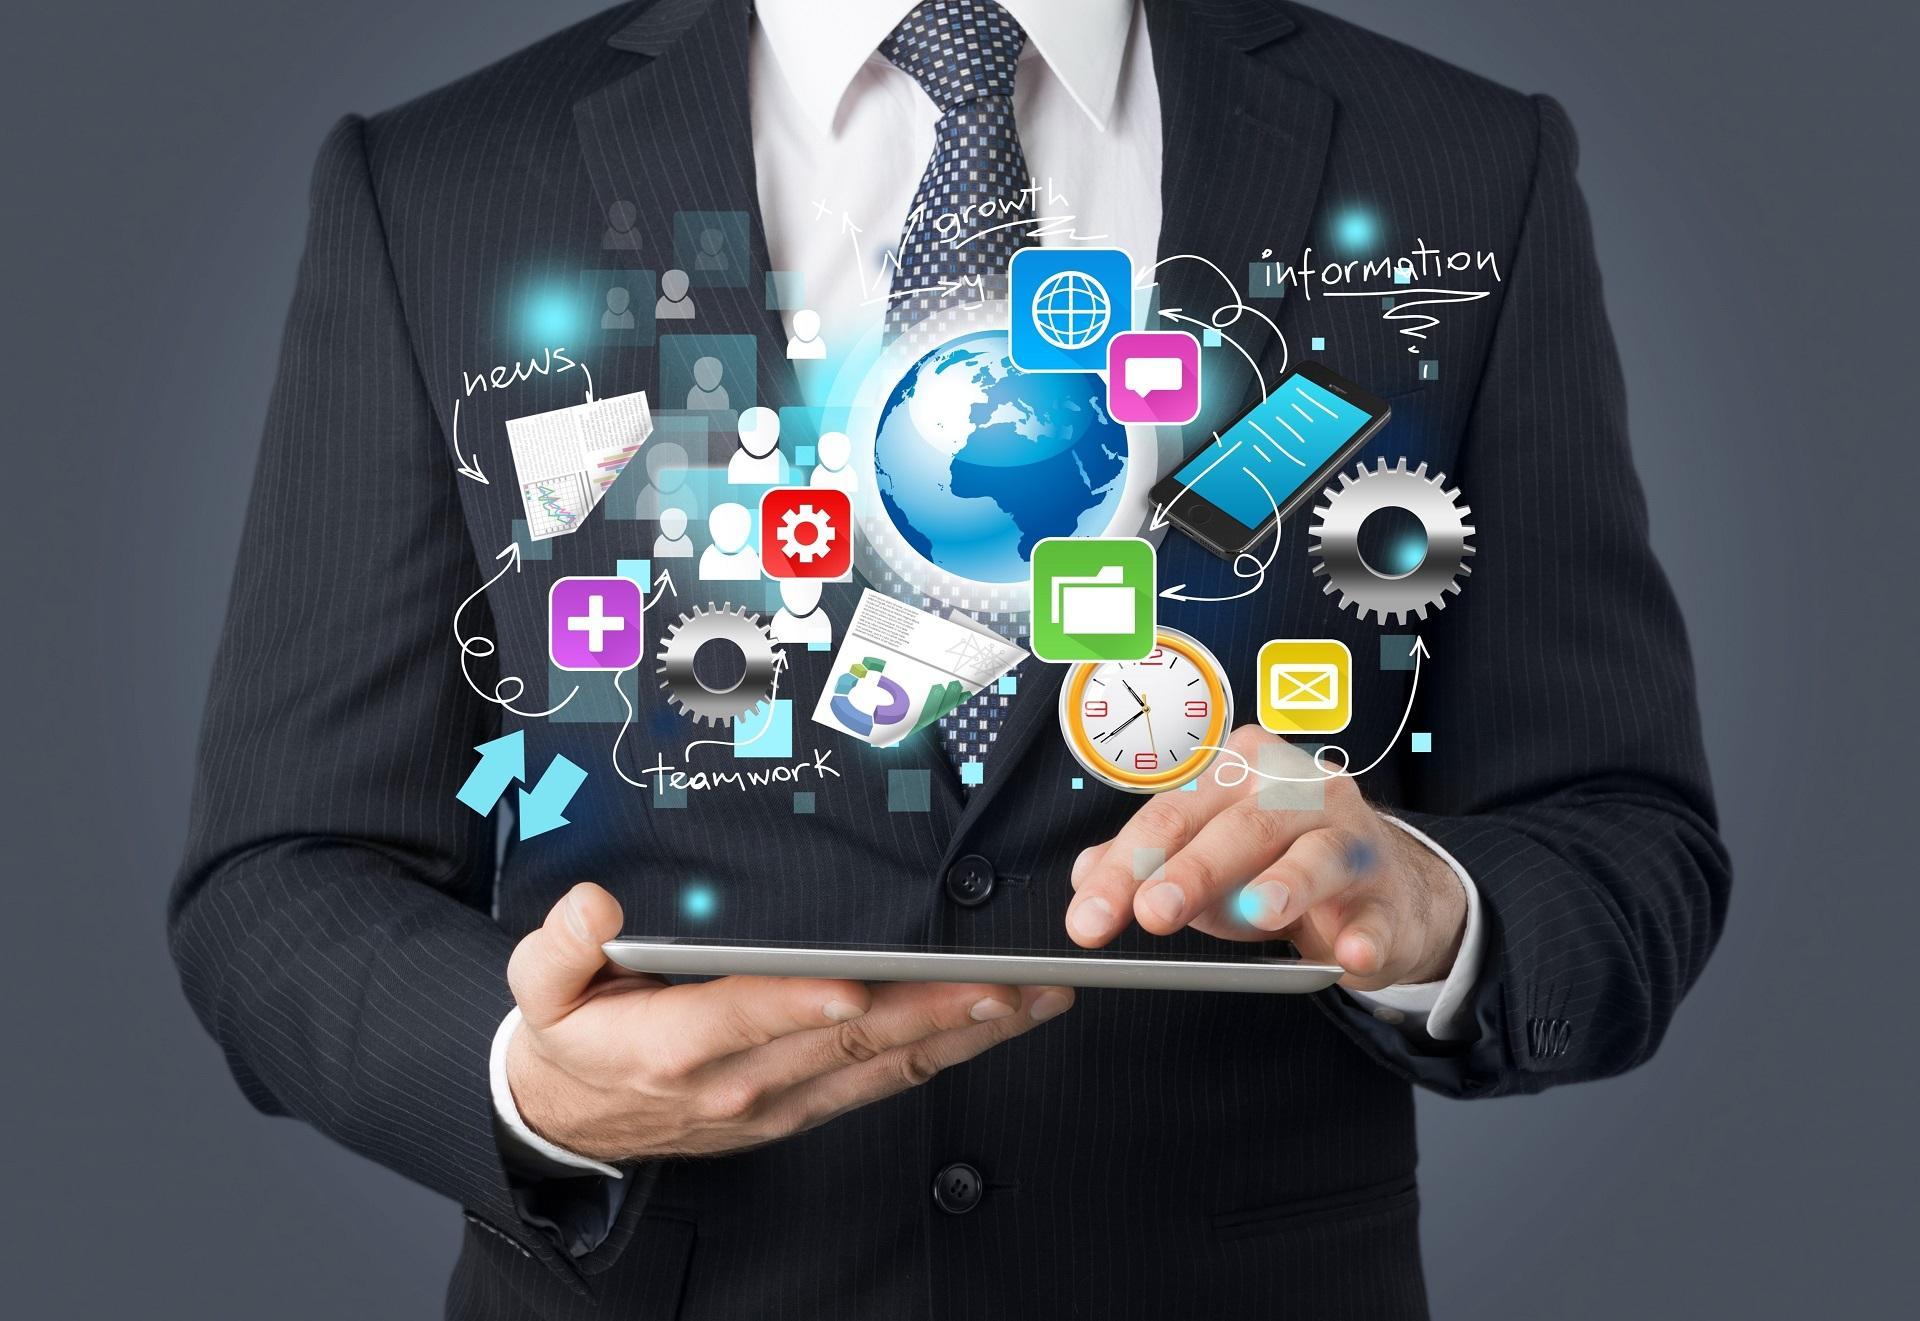 Услуги serm (серм): управление репутацией в интернете, создание положительного отношения пользователей к брэнду, распространение отзывов